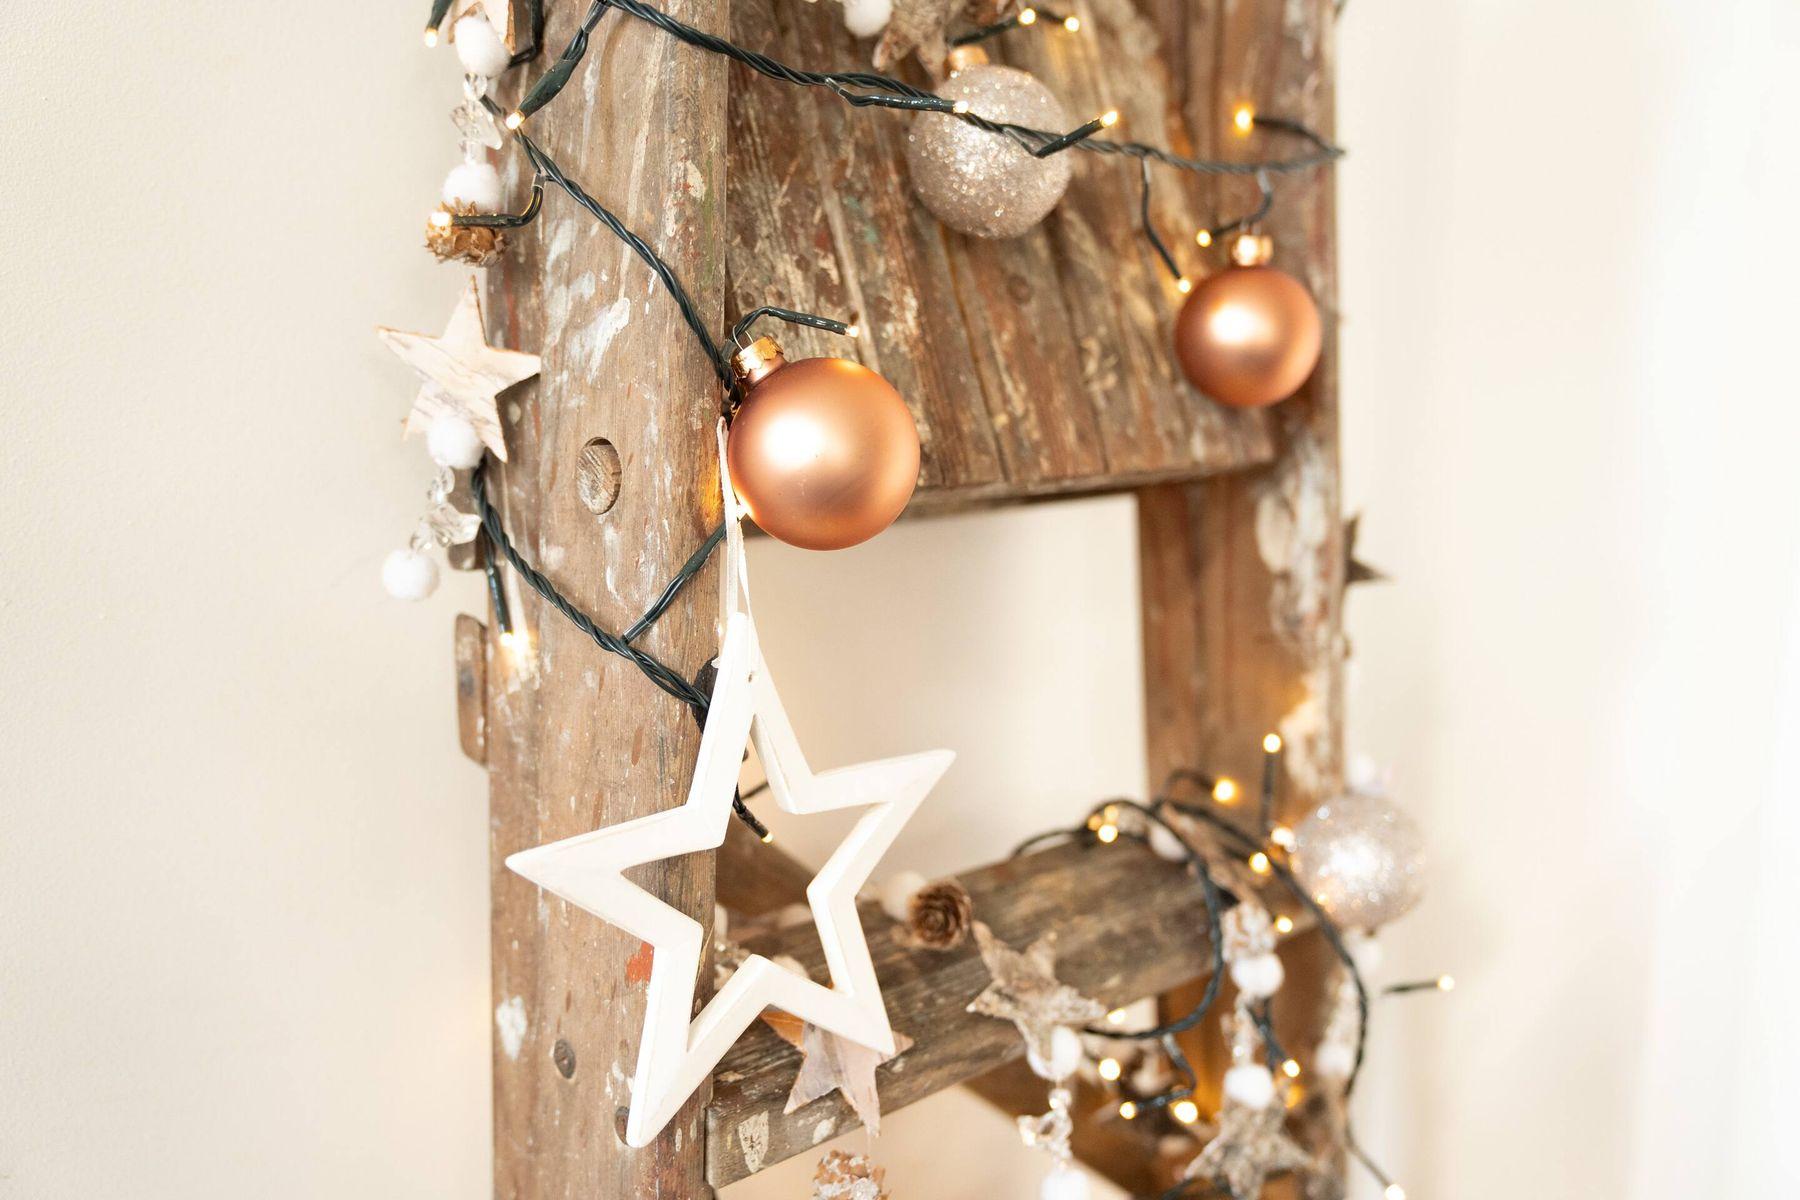 Weihnachtsschmuck in Gold und Silber